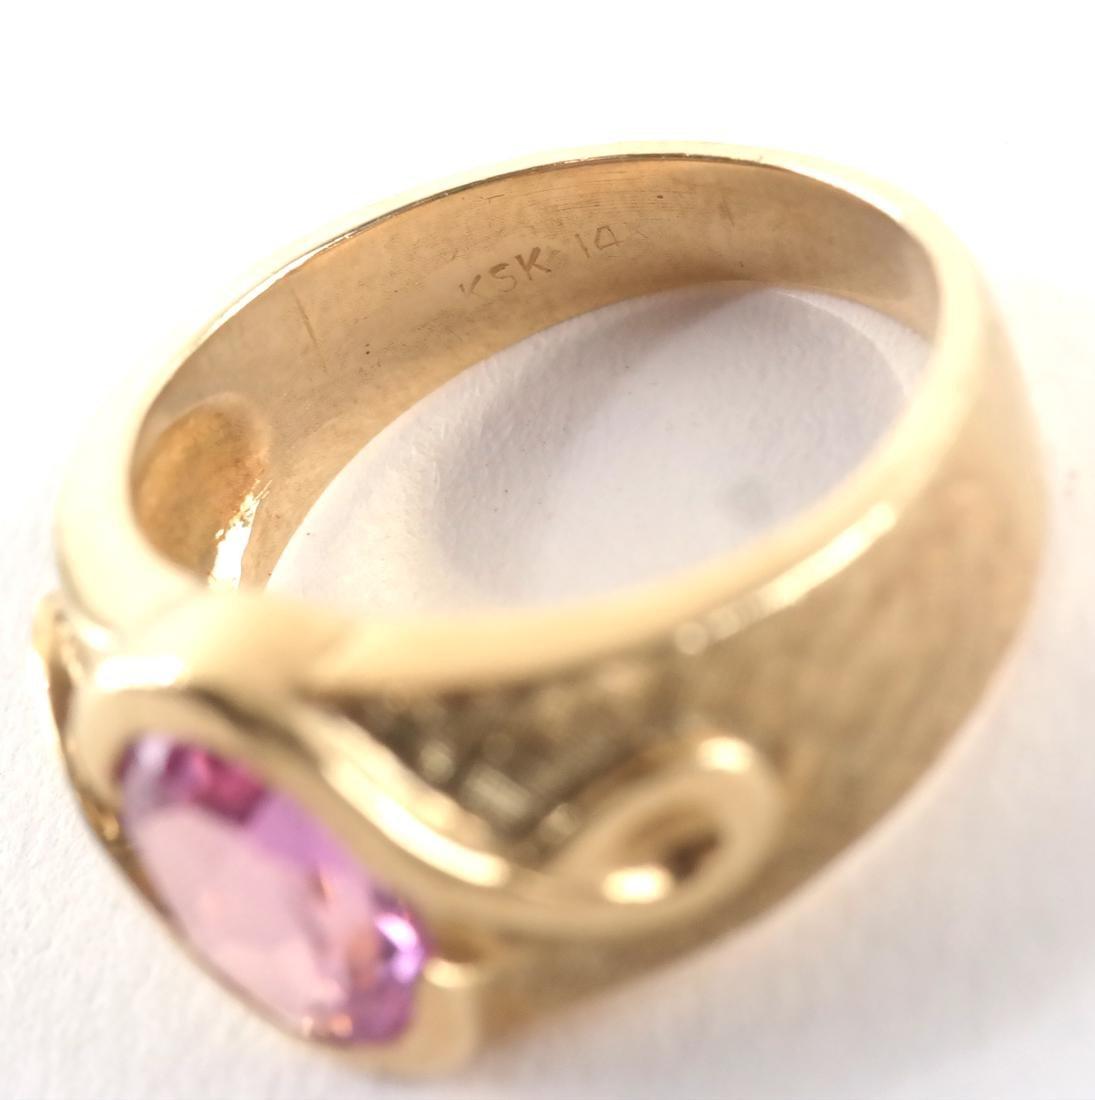 Vintage 14k Man's Dress Ring - 5